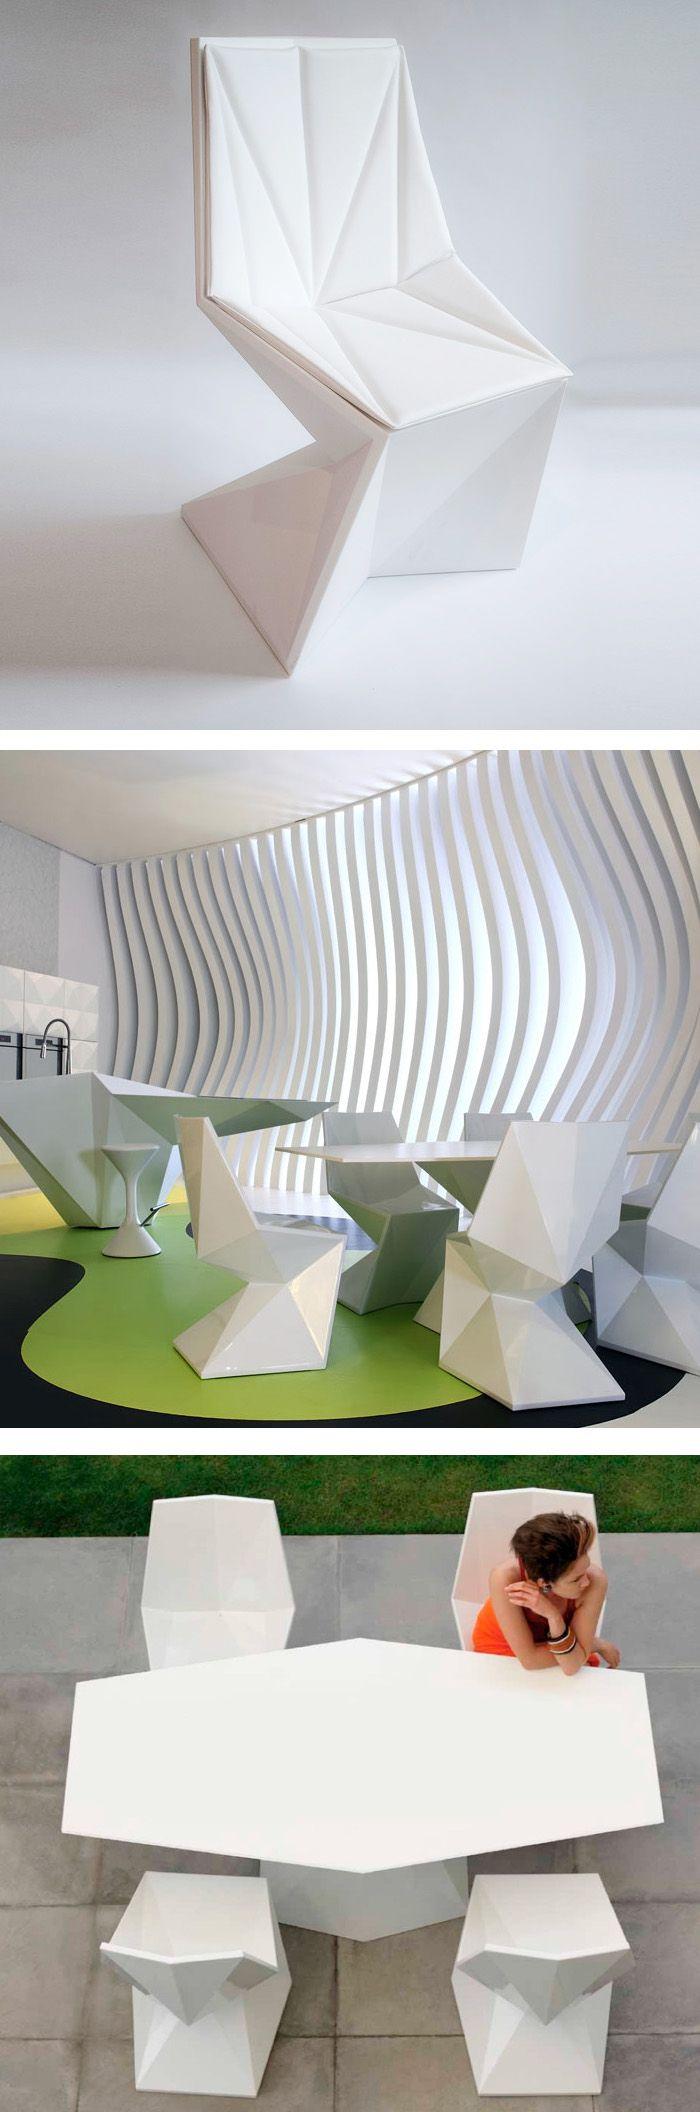 Vertex indoor/outdoor chair